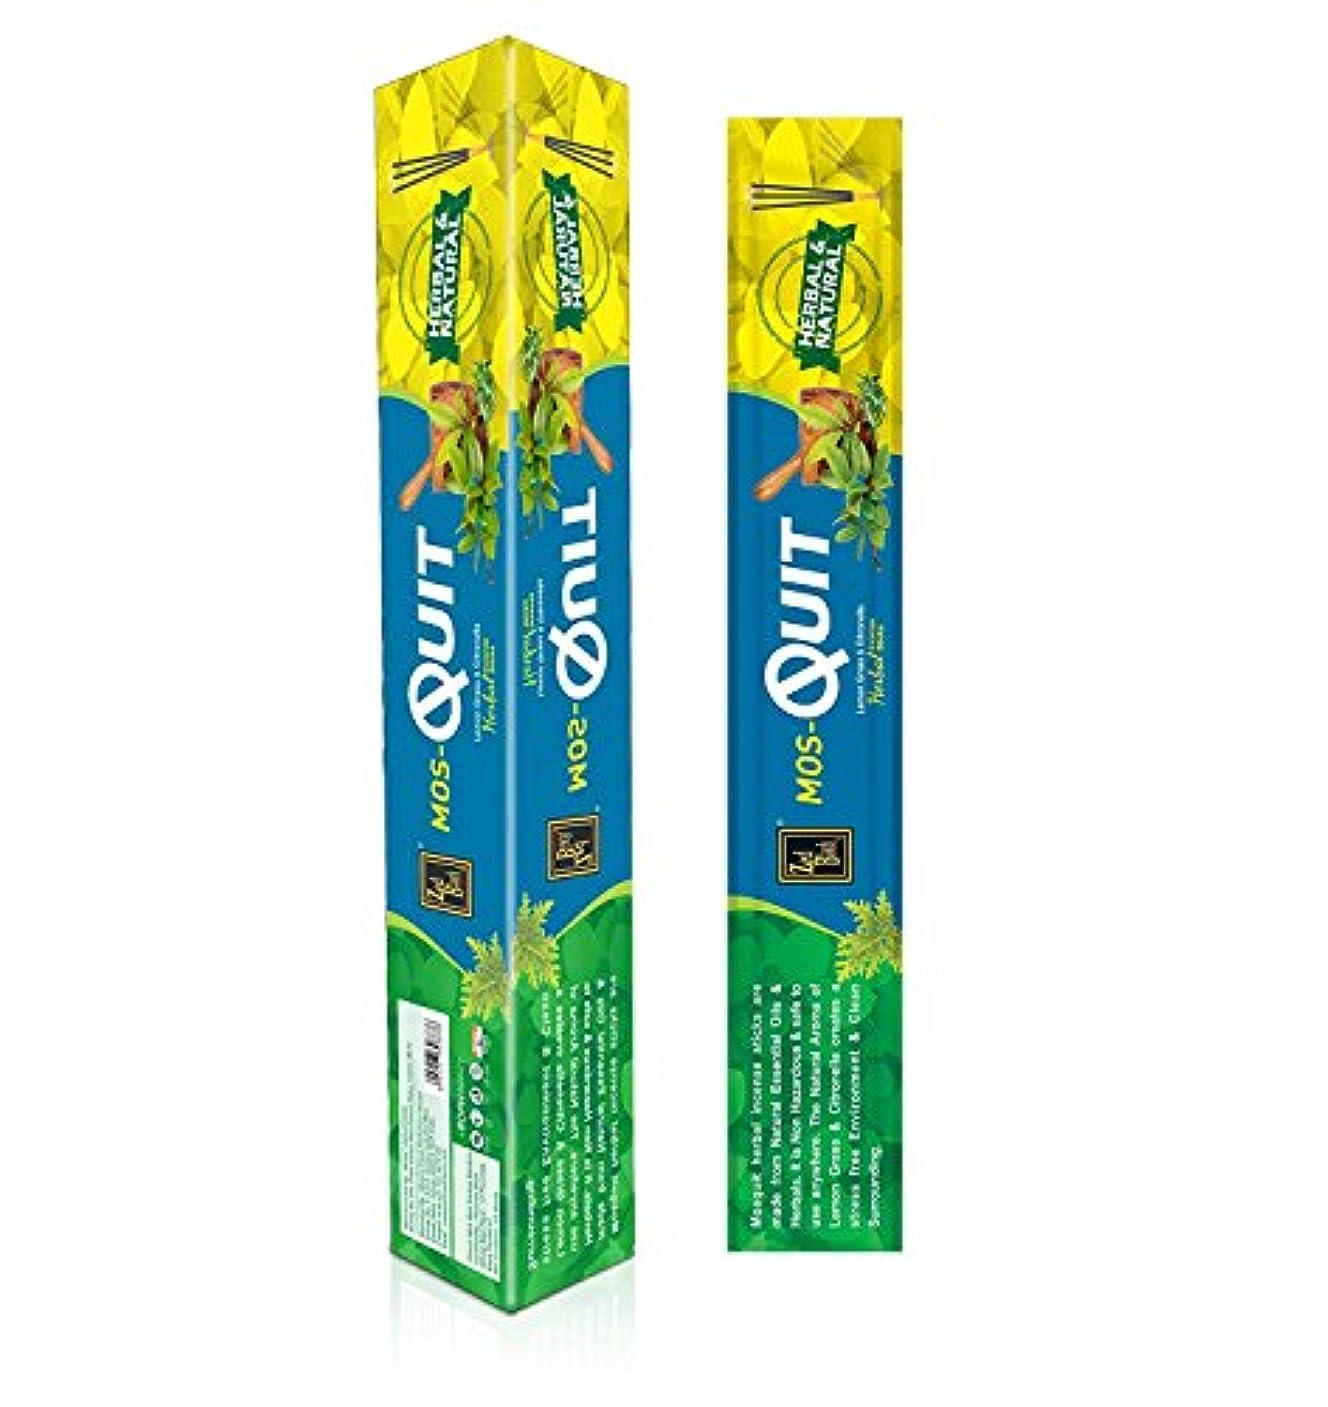 サーキットに行く性能返済Mosquit Incense Sticks – 120ハーブスティック – Mosquito Repellent自然な香りSticks – 効果的な& worthy-madeから天然エッセンシャルオイル、ハーブ製品 –...